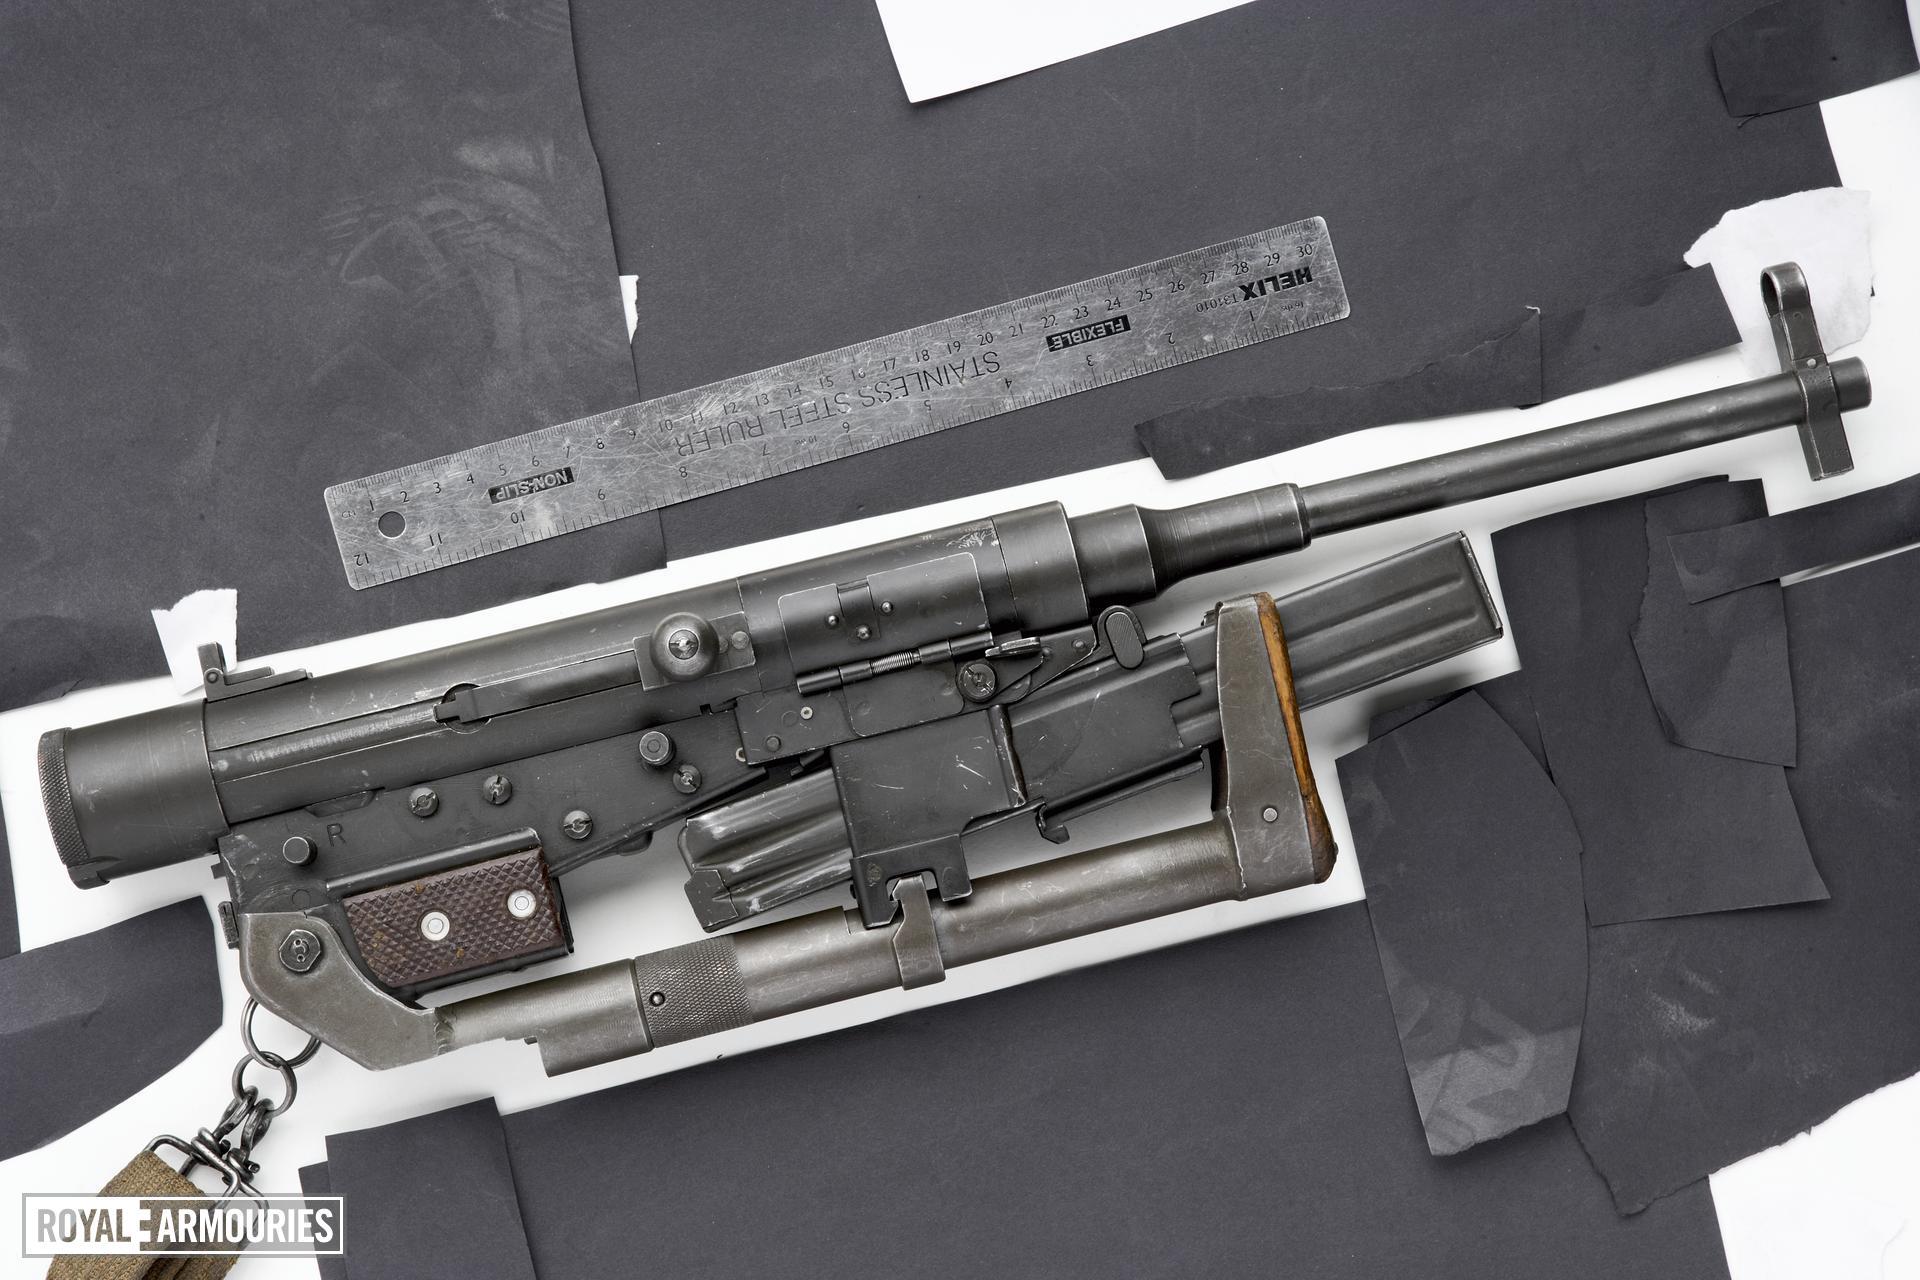 Centrefire automatic submachine gun - Hotchkiss Universal